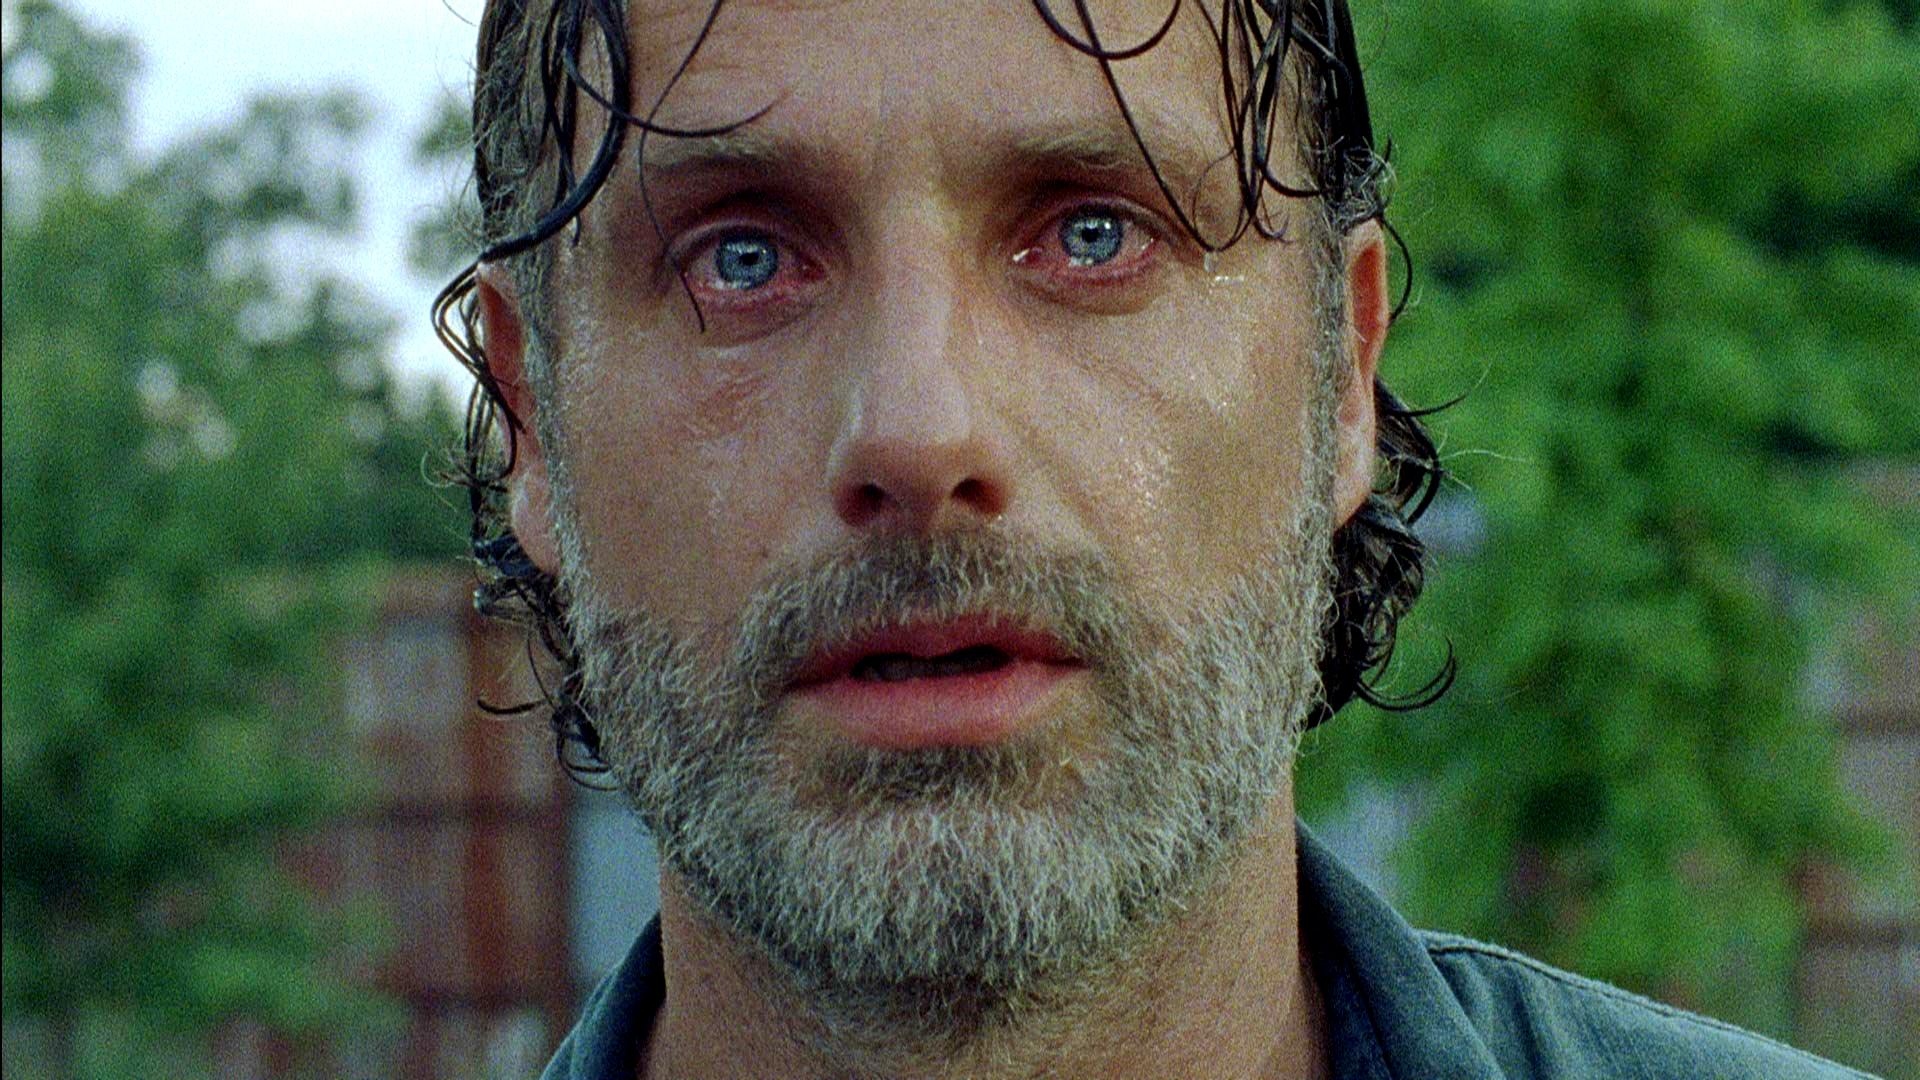 The Walking Dead Season 8 Ends In A Poetic Way